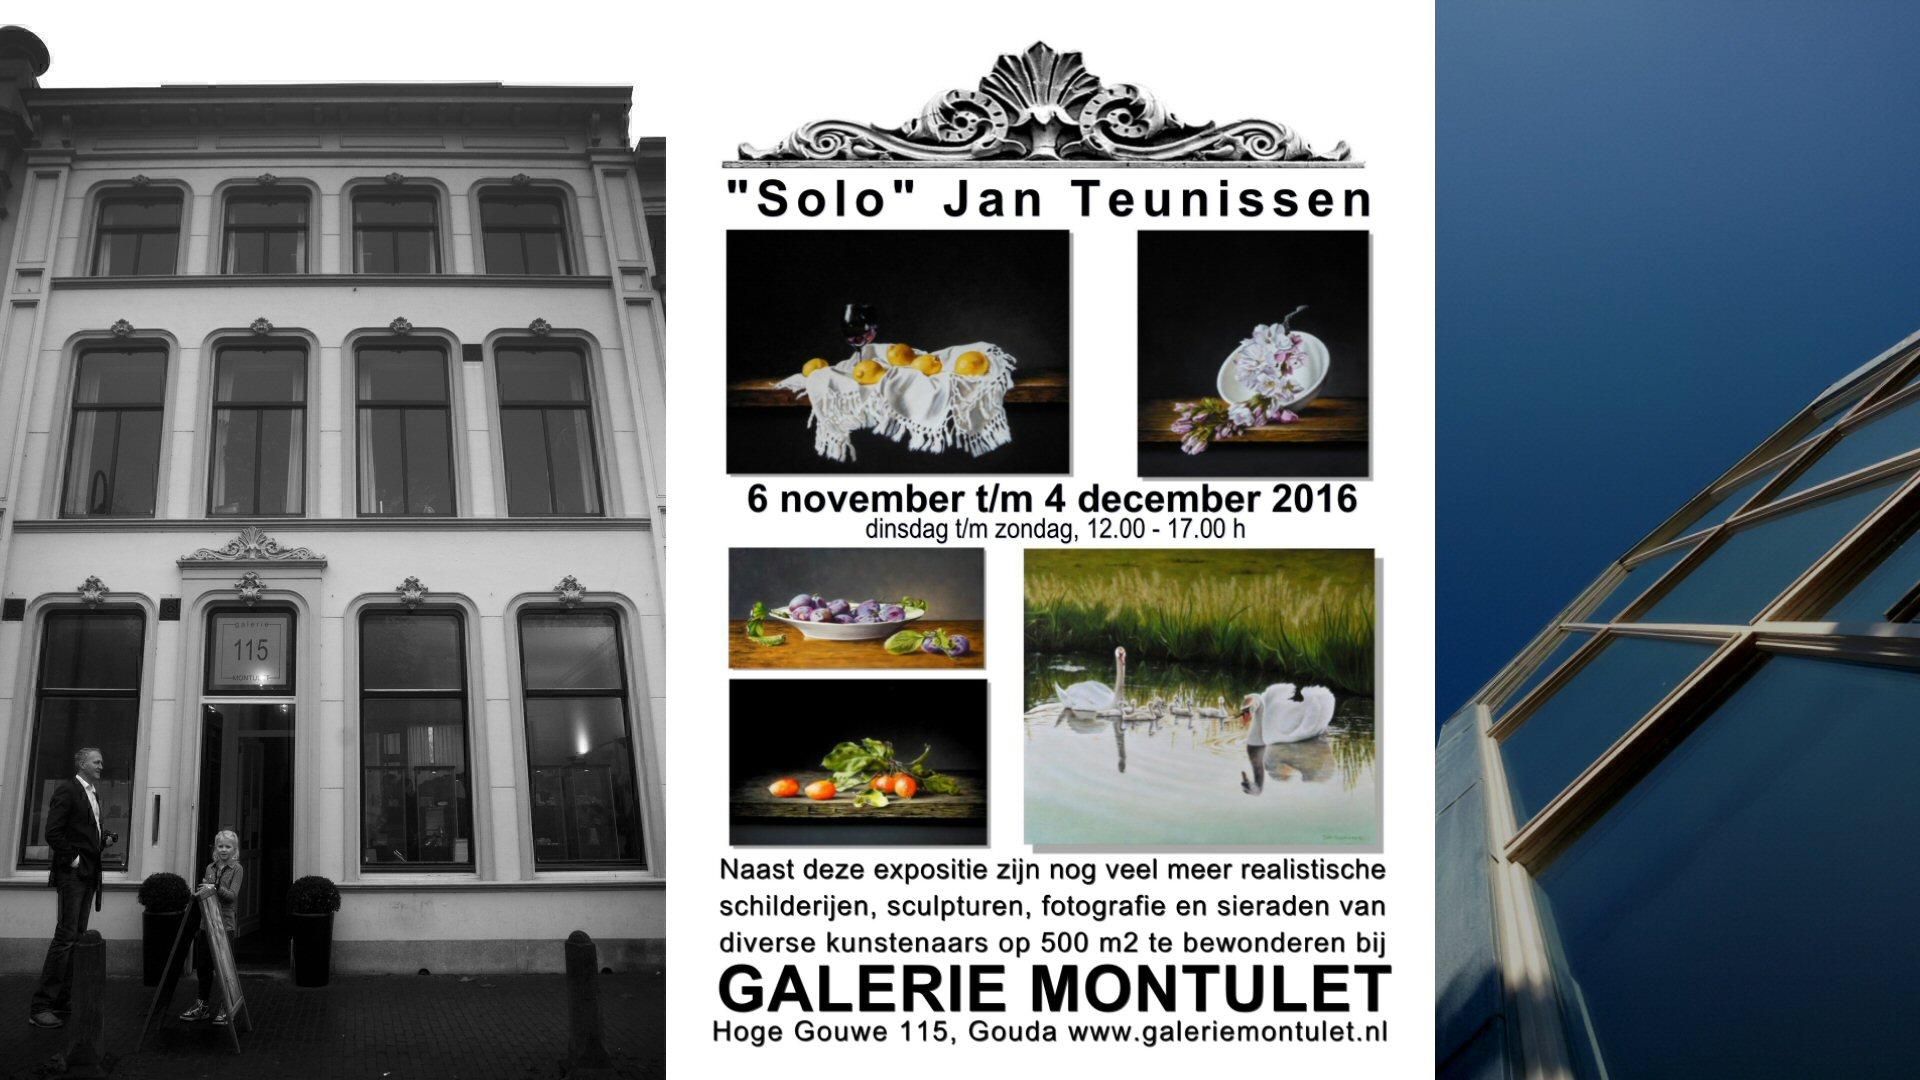 galerie-montulet-voorpagina-november-2016